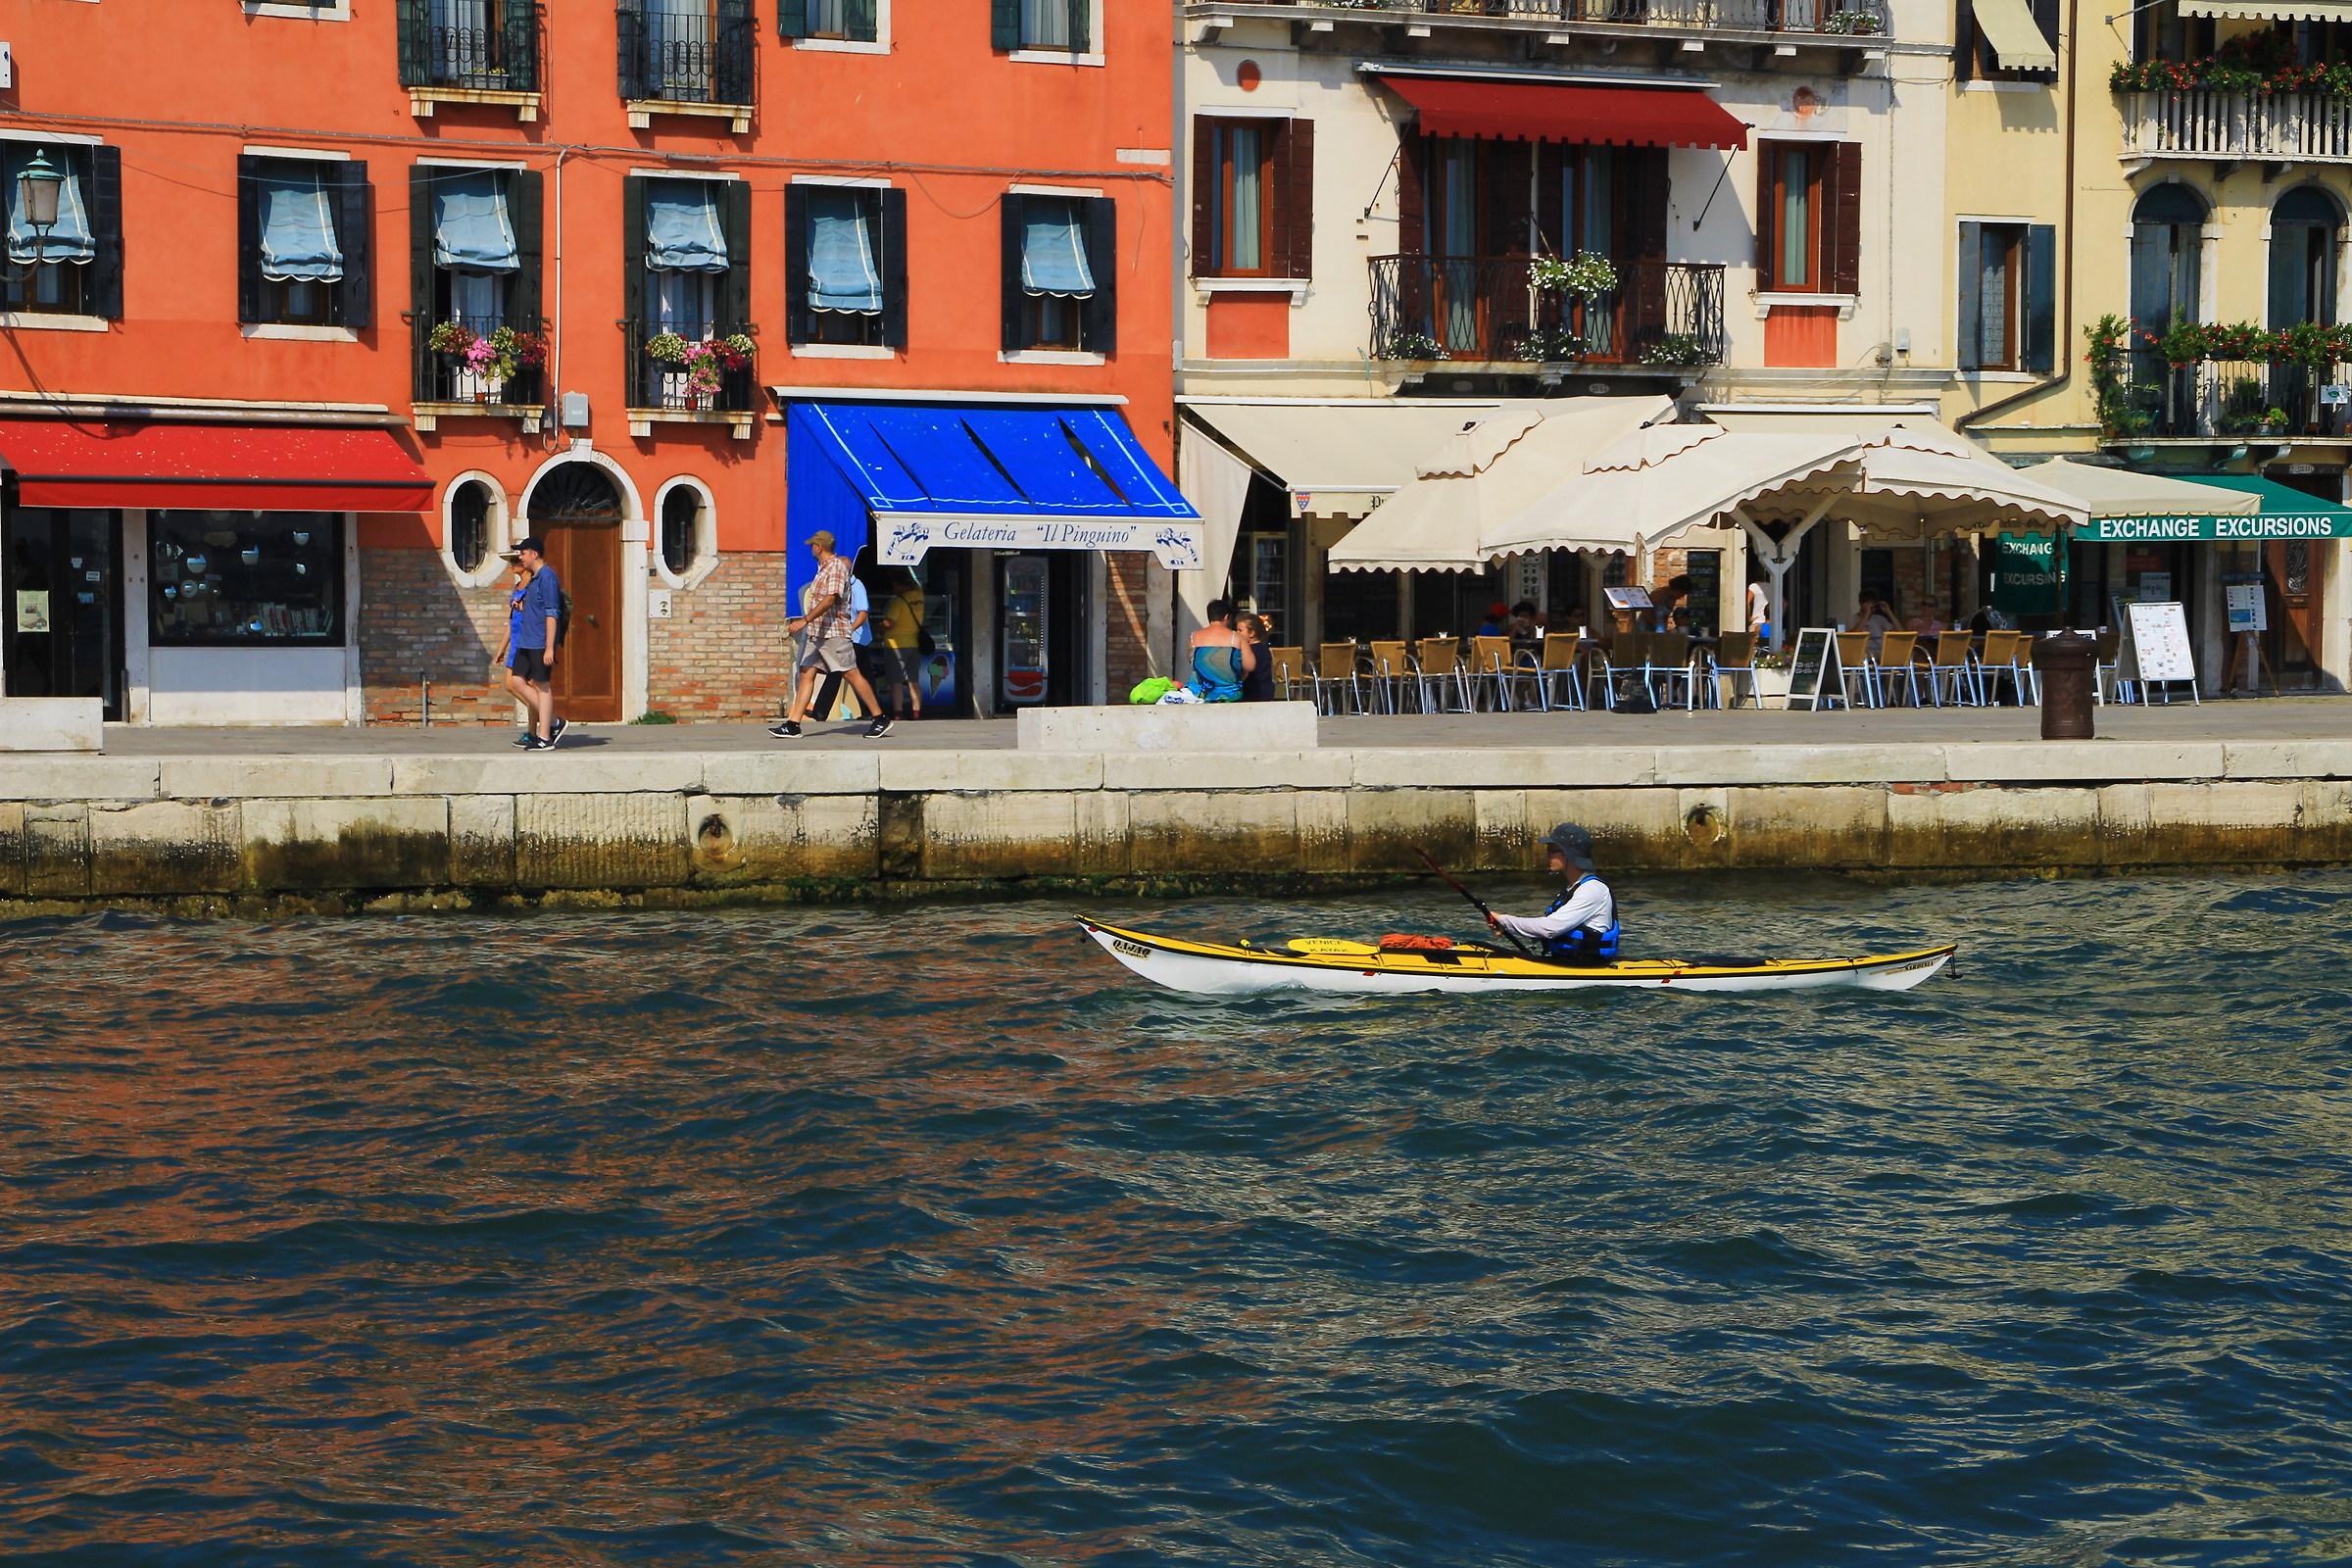 vogatori sul Canal Grande...